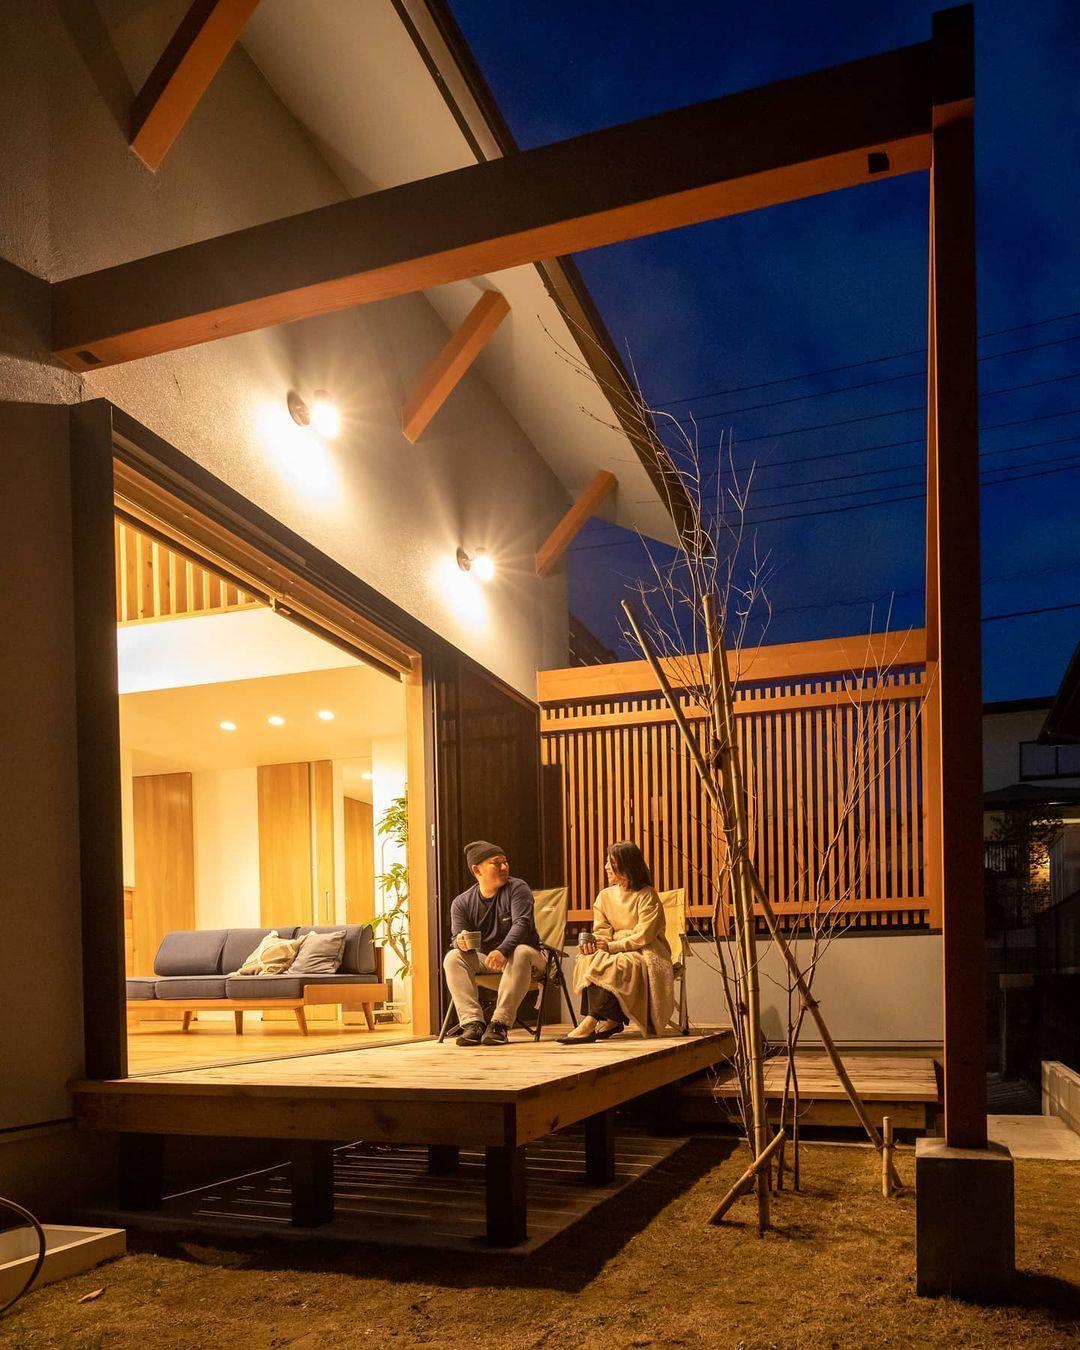 加藤行人 エーセンス建築設計事務所はinstagramを利用しています 囲い庭は夜もリラックス とかく道路沿いは不特定多数の目が 適度に閉じる豊かさ 千葉県で 漆喰や無垢の木を使った 自然素材のデザイン住宅を手掛けています ご家族と多くの会話の中から 一